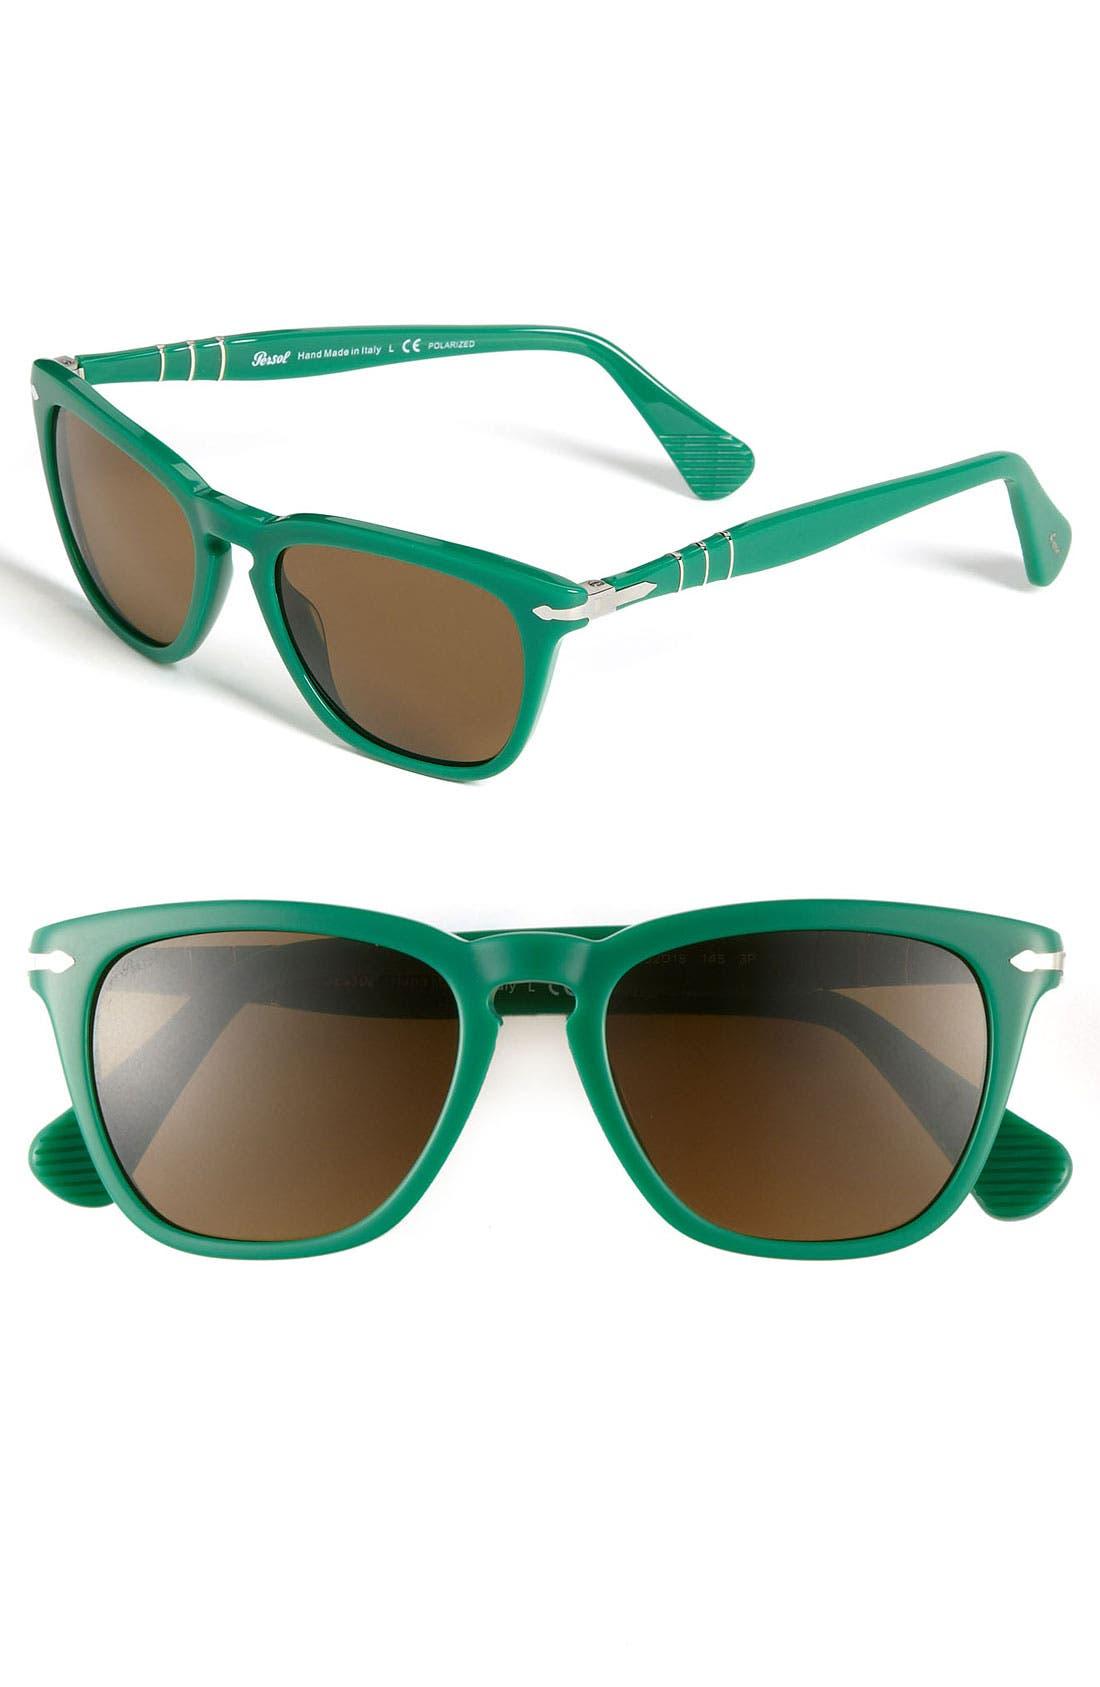 Main Image - Persol 52mm Polarized Retro Sunglasses